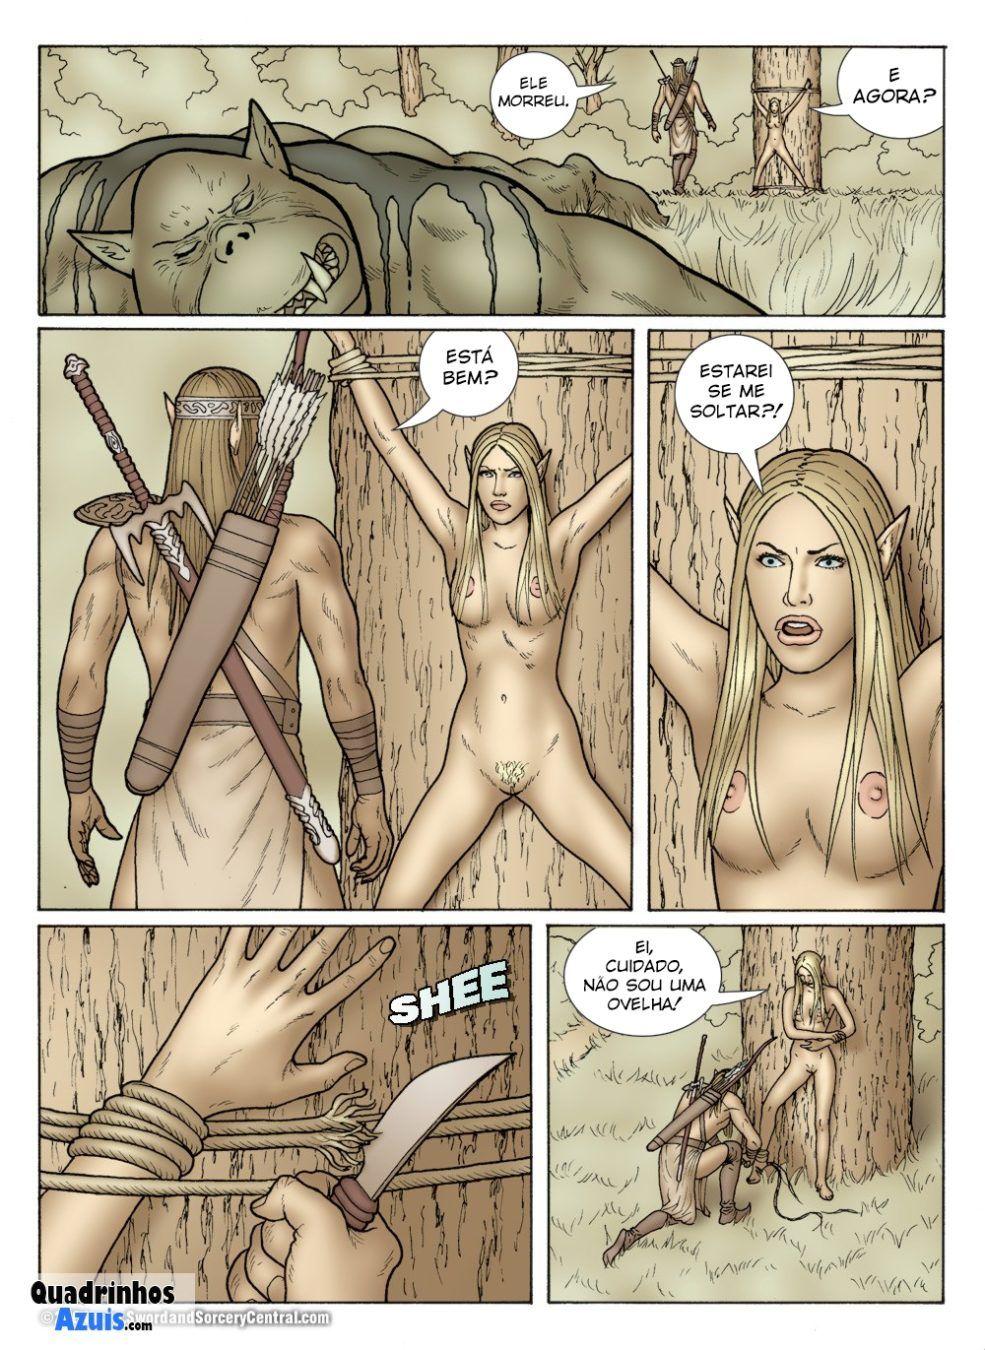 Princesa guerreira capturada por orcs